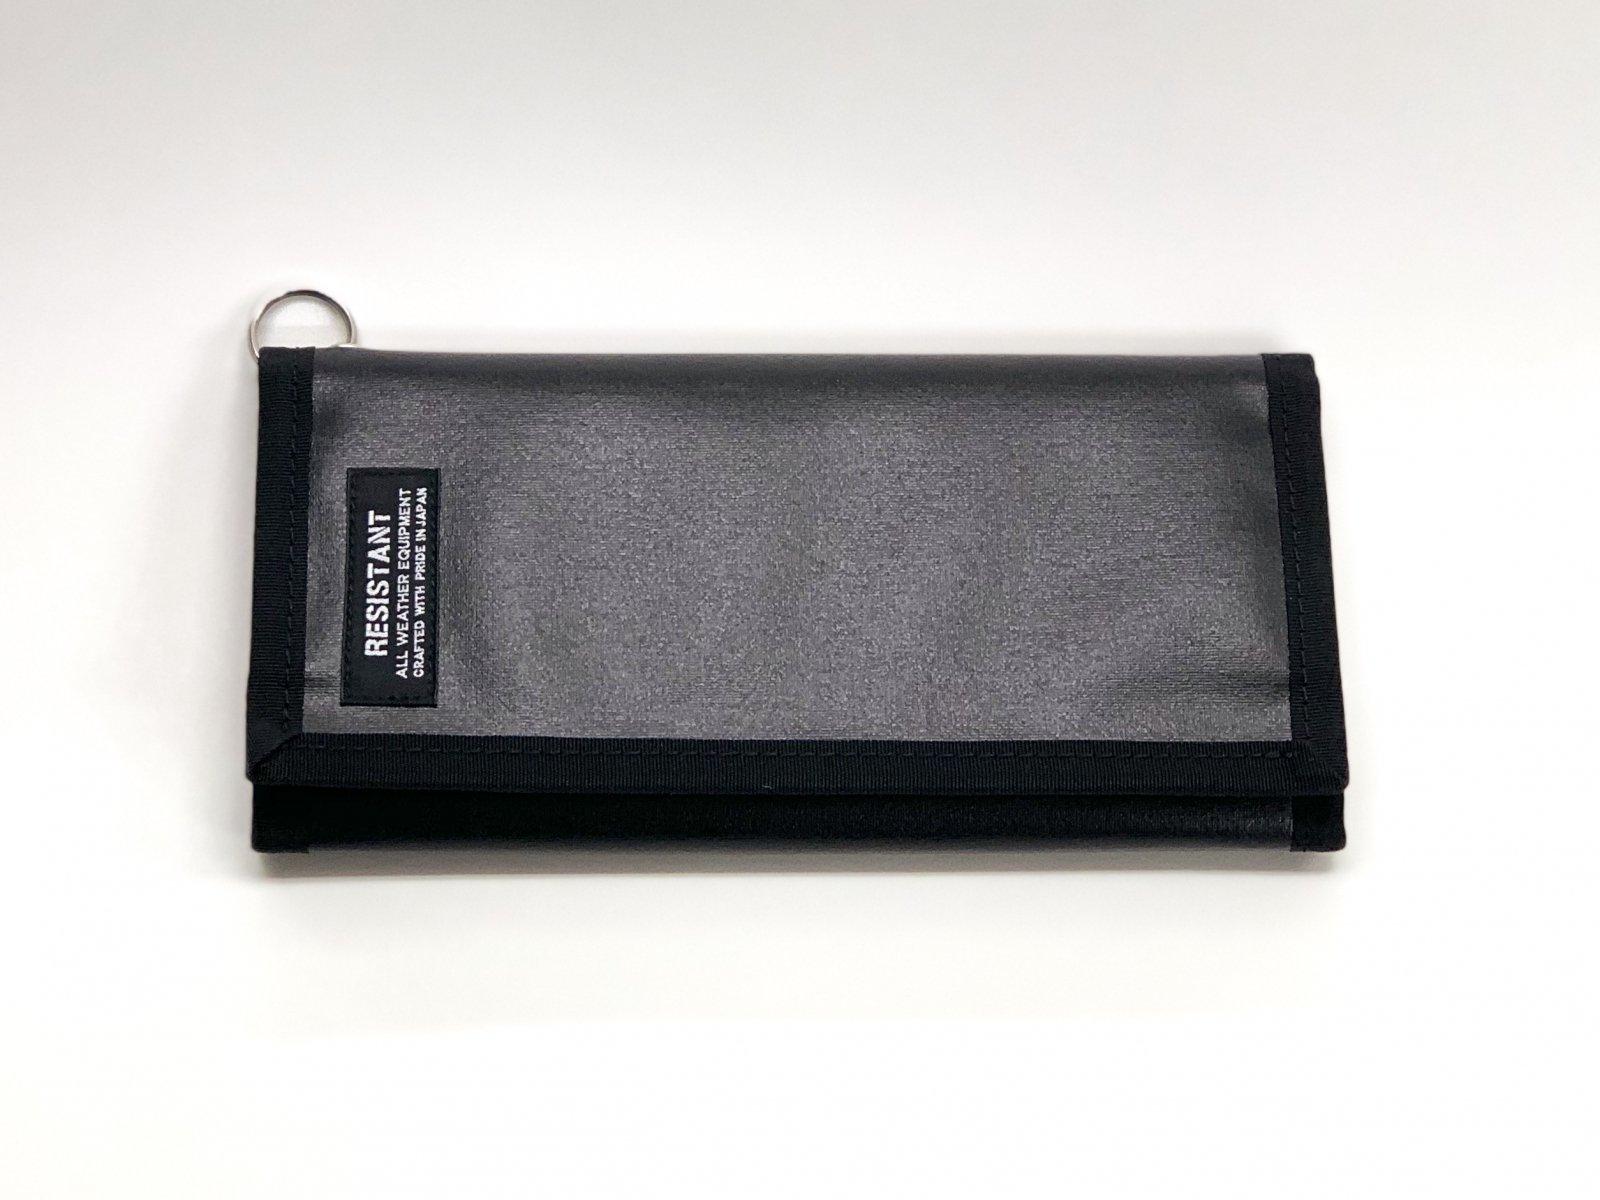 One-Panel(ターポリンブラック/インナー:モスグレー)